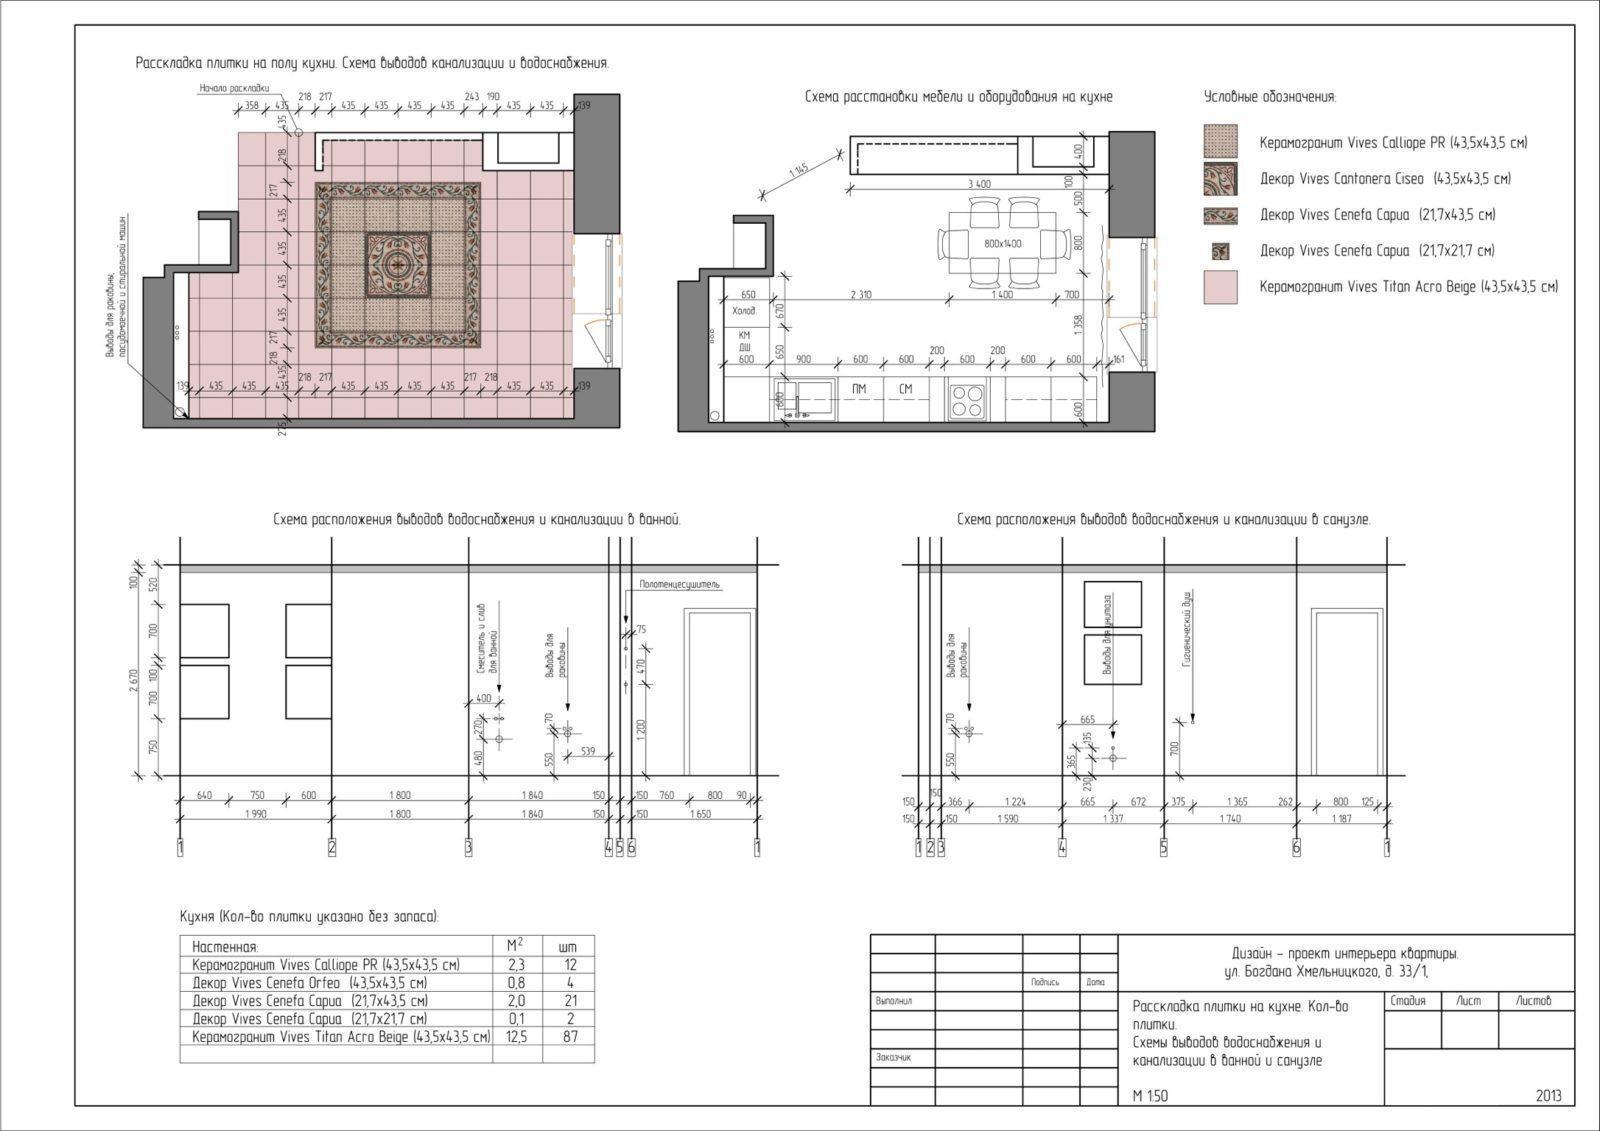 Схема раскладки плитки и выводов водоснабжения